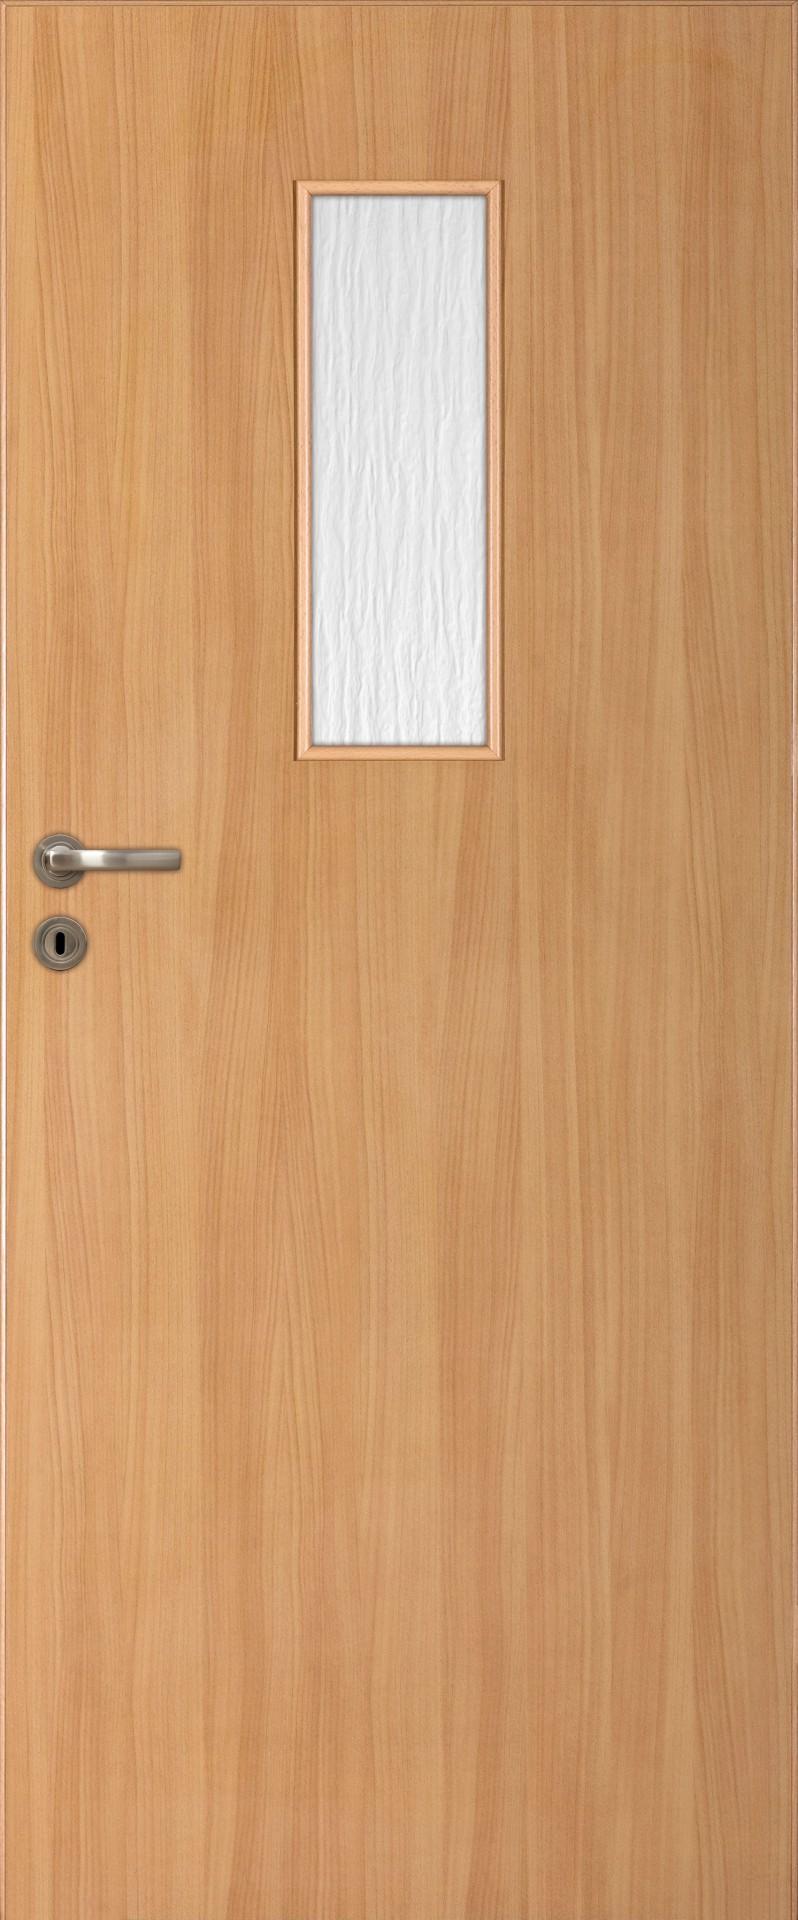 Dre dveře Lack 50, Šíře v cm 60